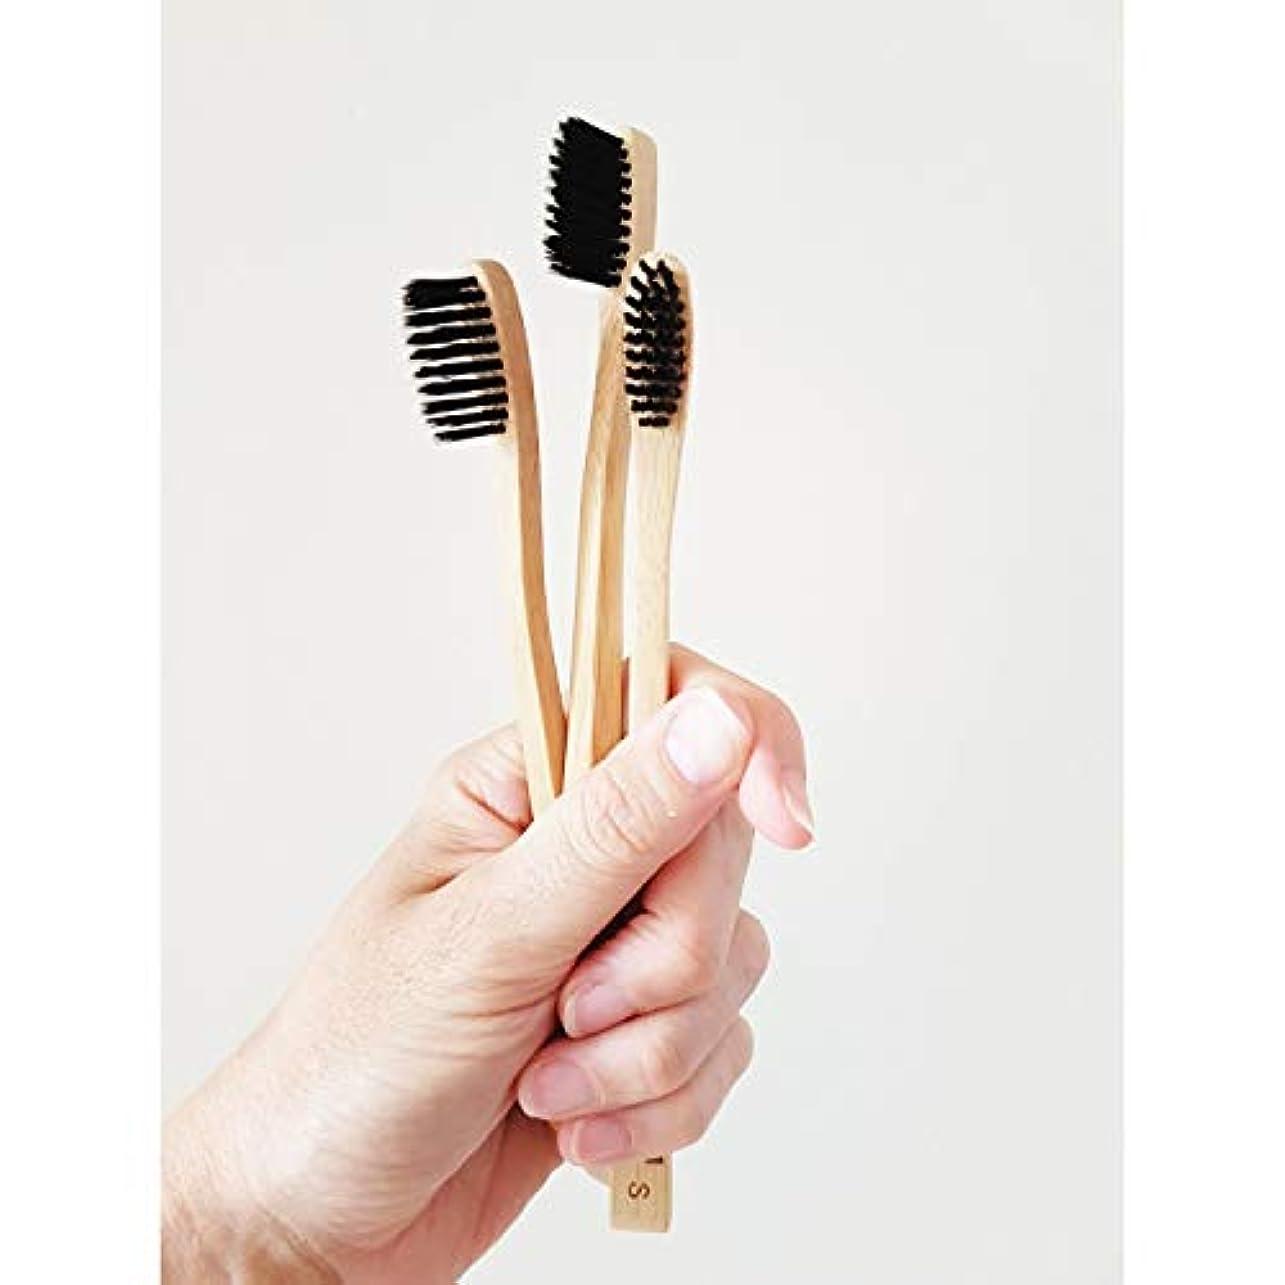 田舎者メッセージ金曜日Ladybug 竹の歯ブラシ 竹炭毛 バンブー歯ブラシ (3本入りセット)